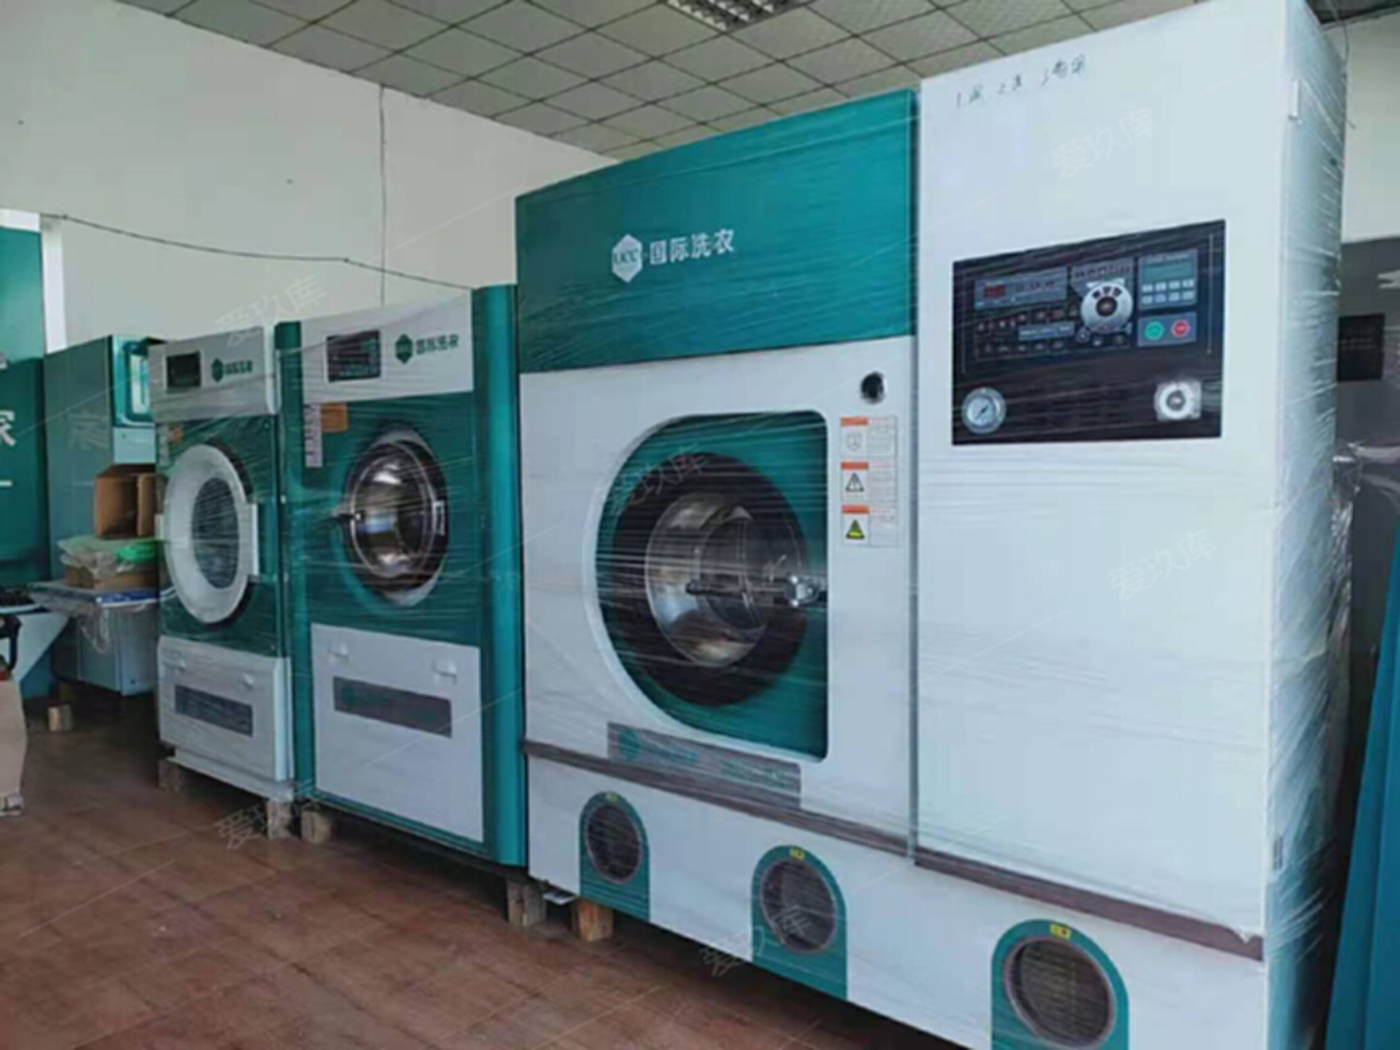 急售二手干洗設備2020年UCC二手四氯乙烯干洗機